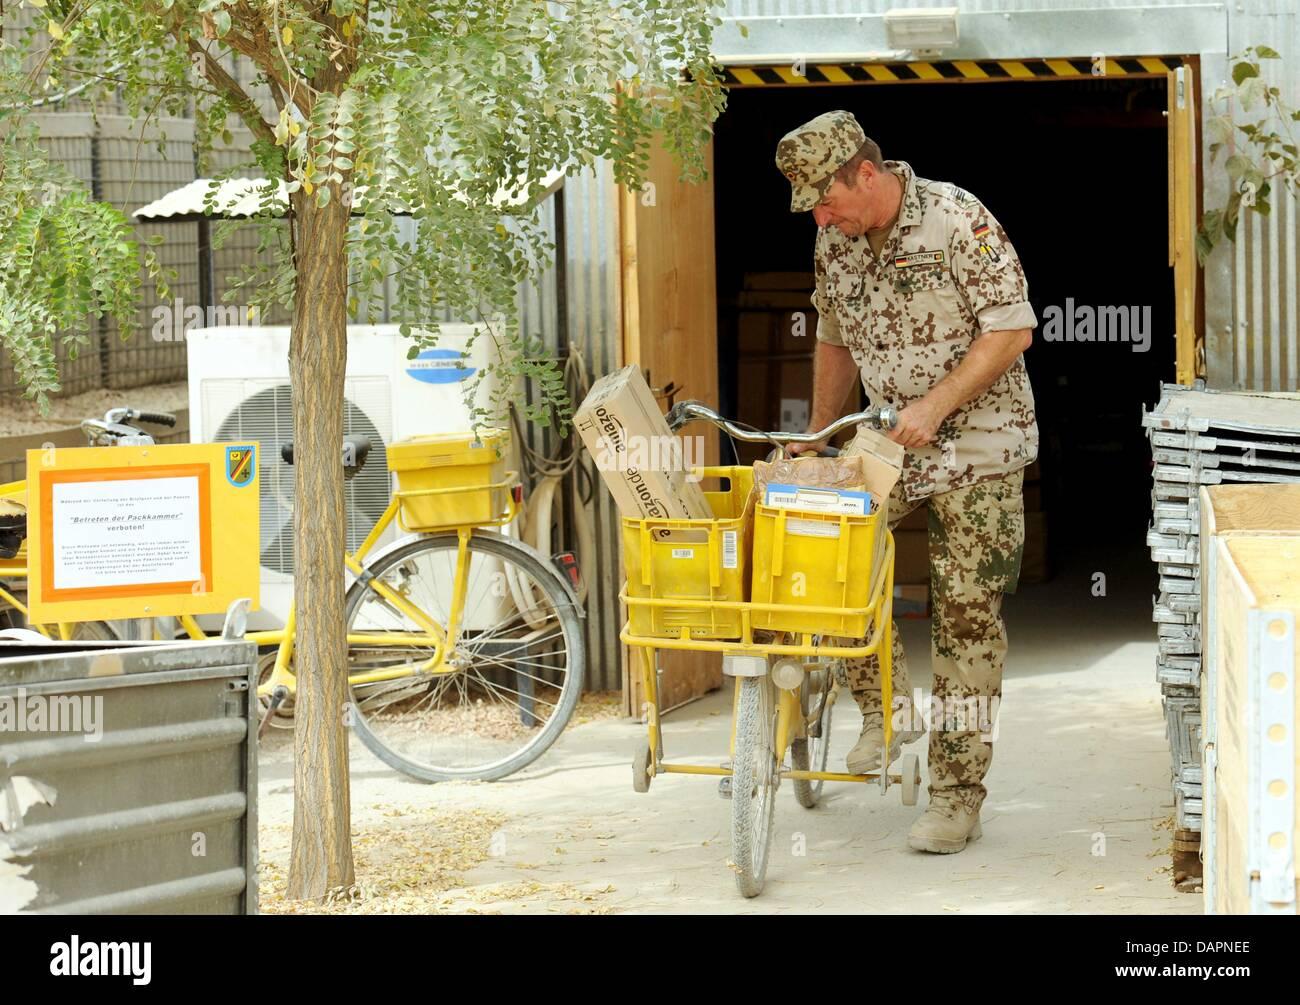 ein bundeswehr soldat aus der deutschen feldpost liefert wichtige pakete im bereich camp in der. Black Bedroom Furniture Sets. Home Design Ideas